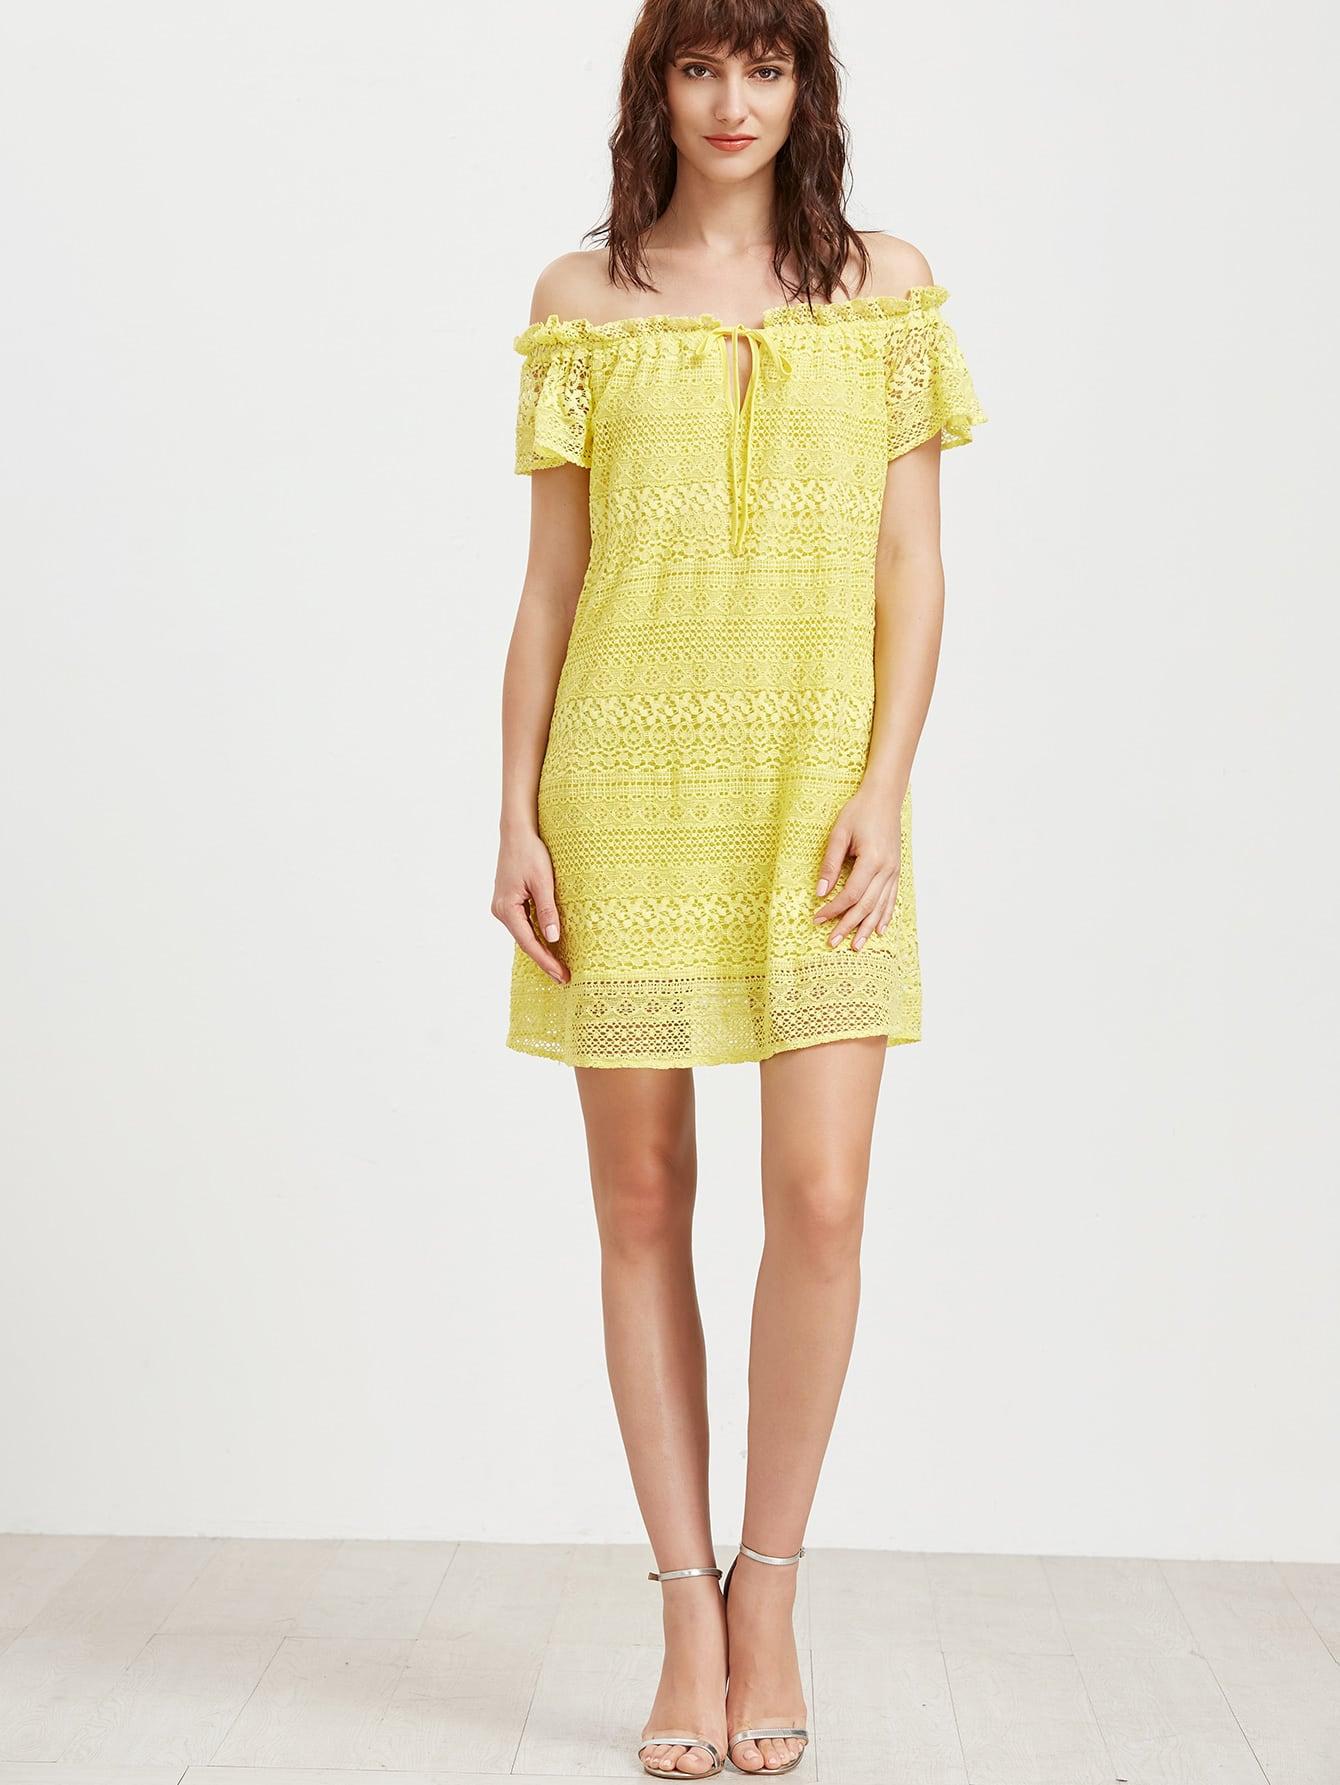 dress170214712_2